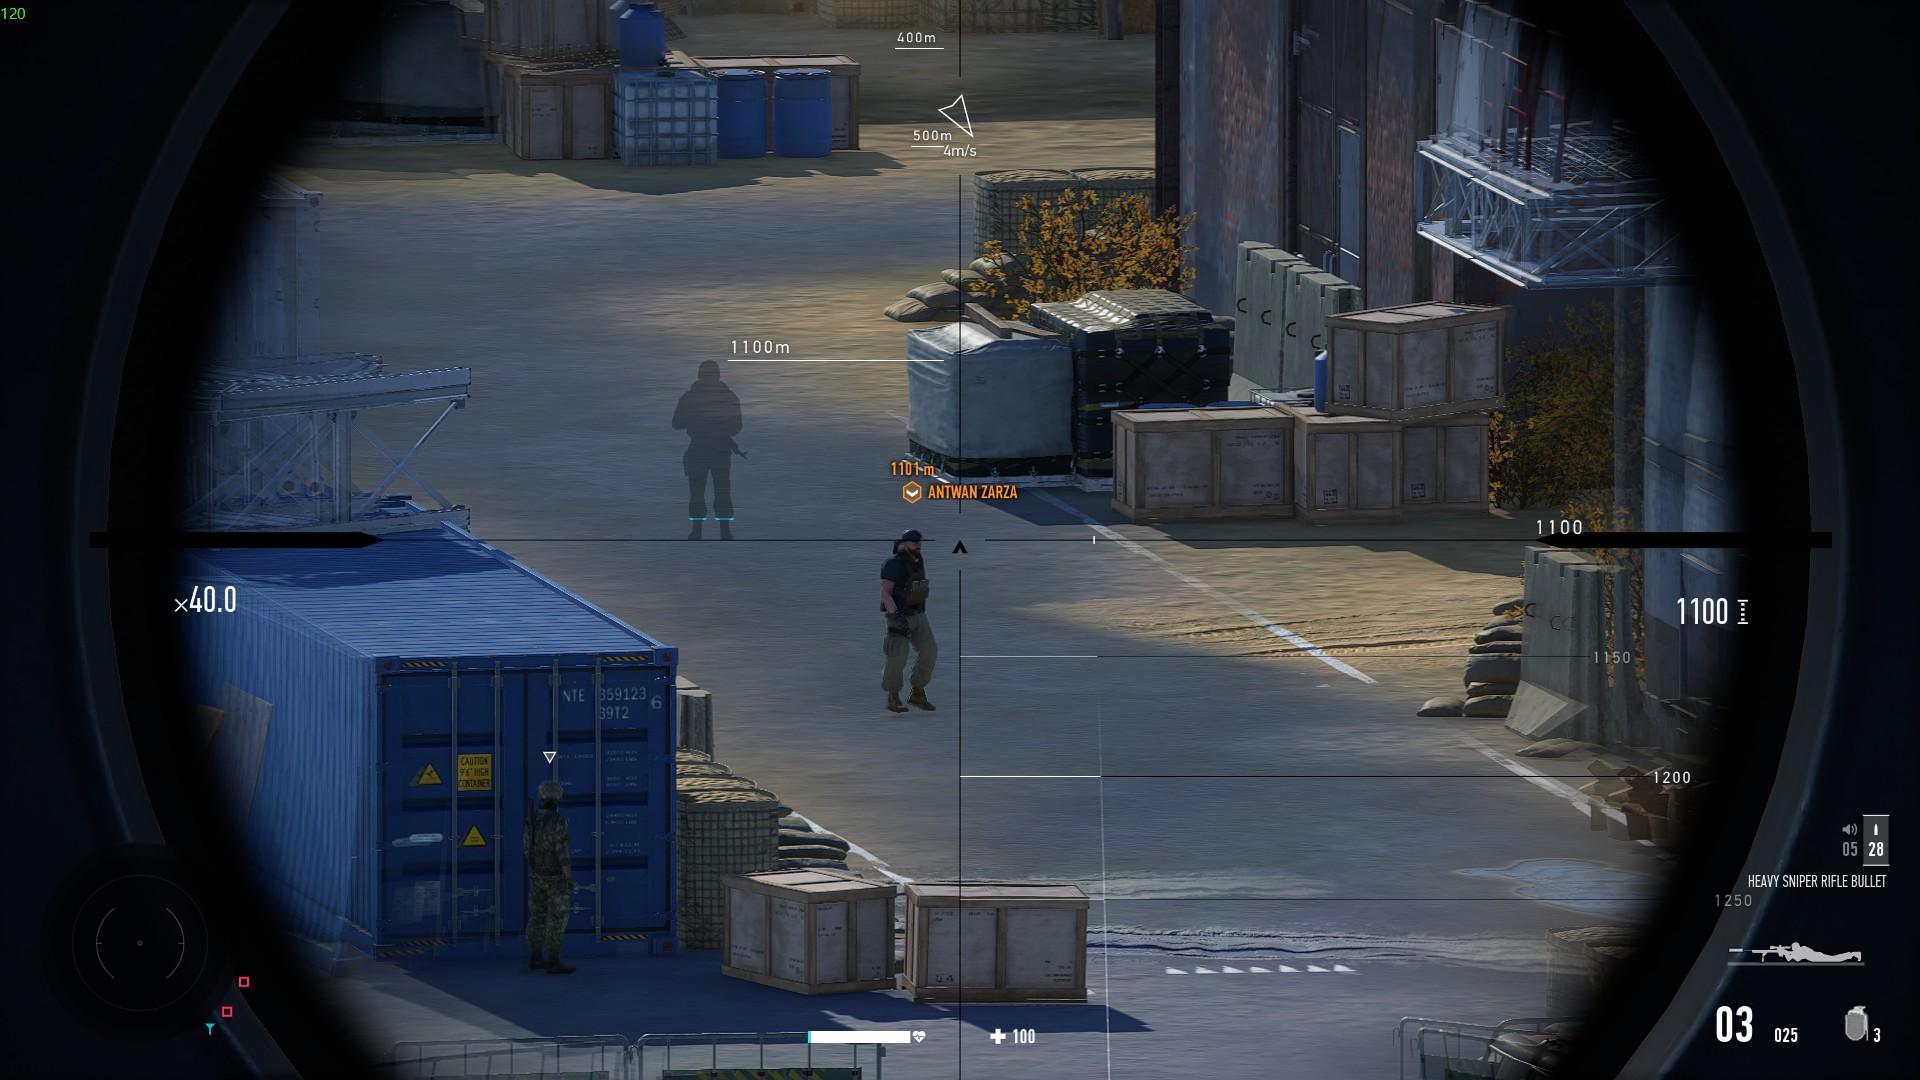 نقد و بررسی بازی Sniper Ghost Warrior Contracts 2